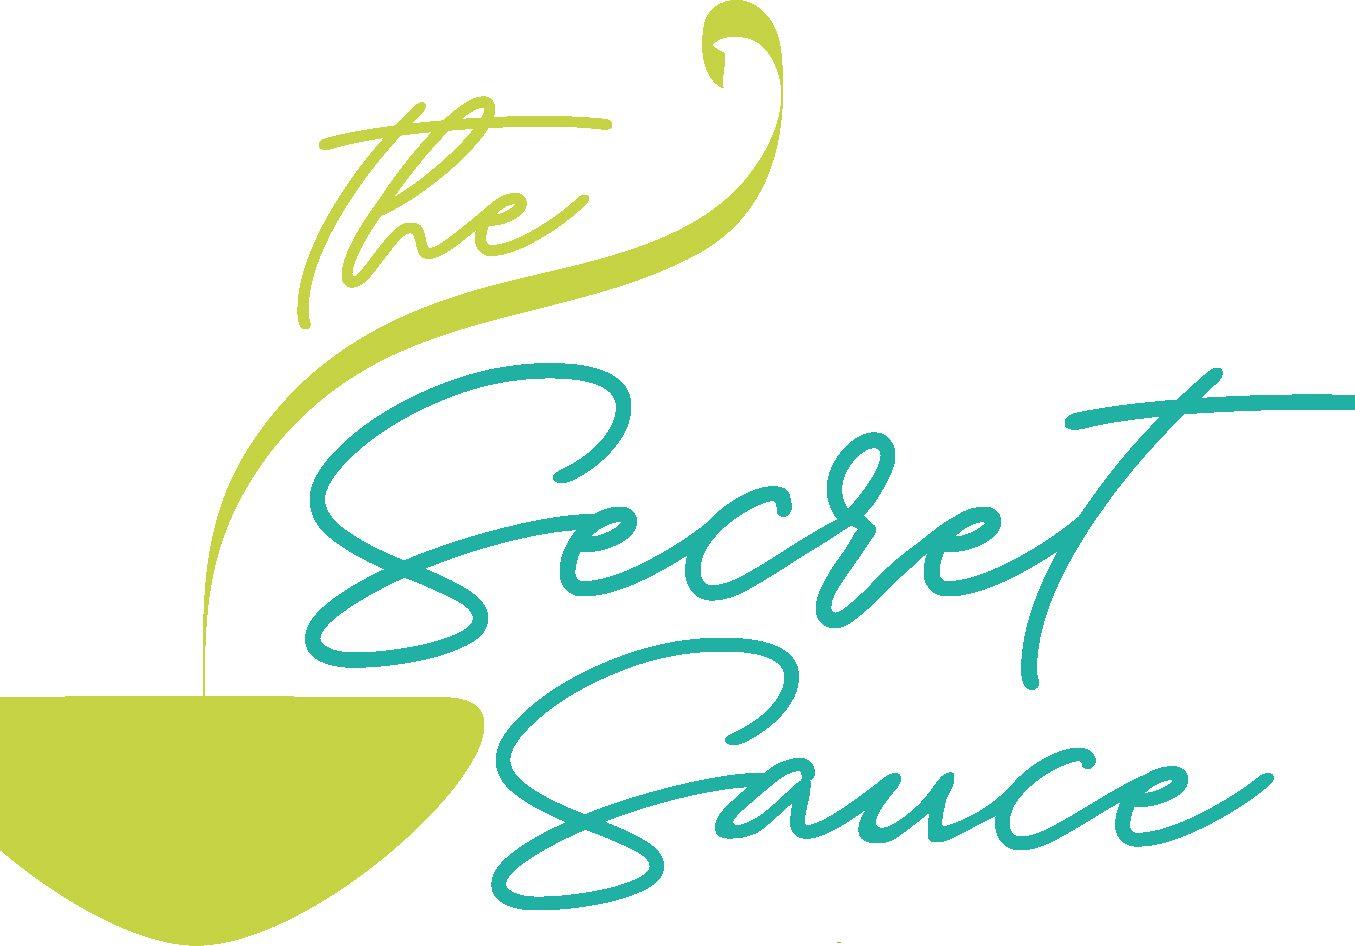 Apricot's Secret Sauce